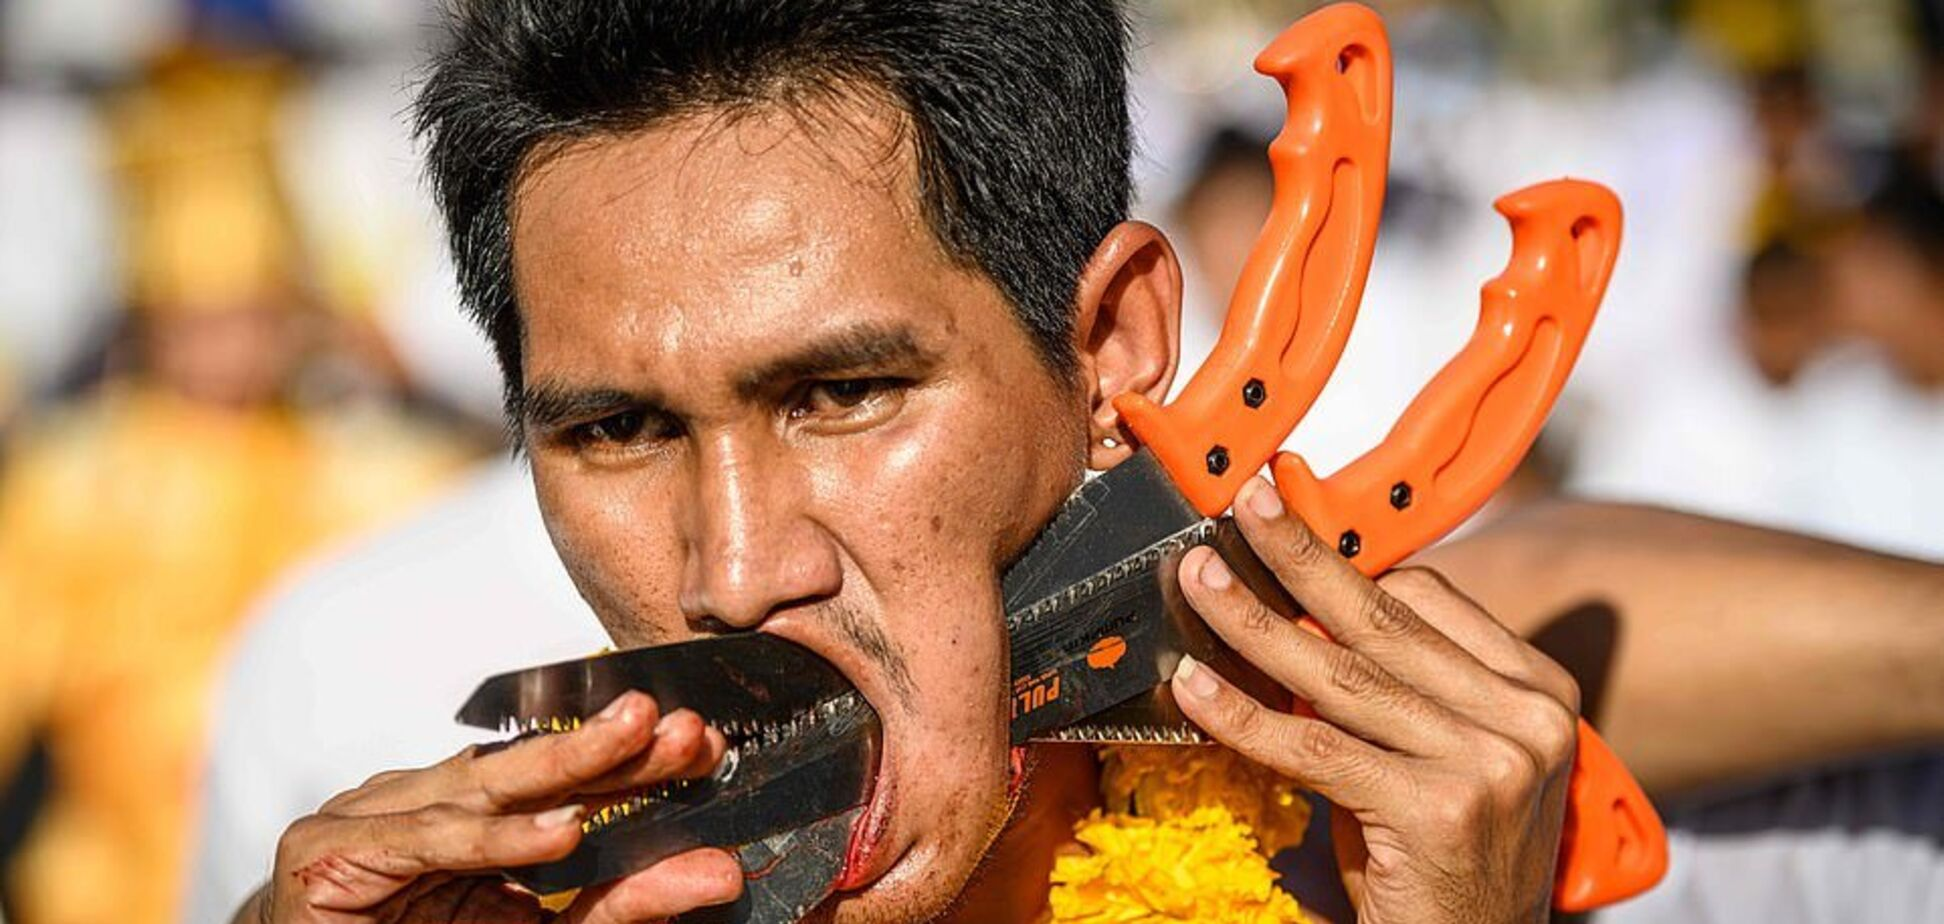 В голове – ножи и шпаги: в Таиланде начался жуткий фестиваль. Фото 18+